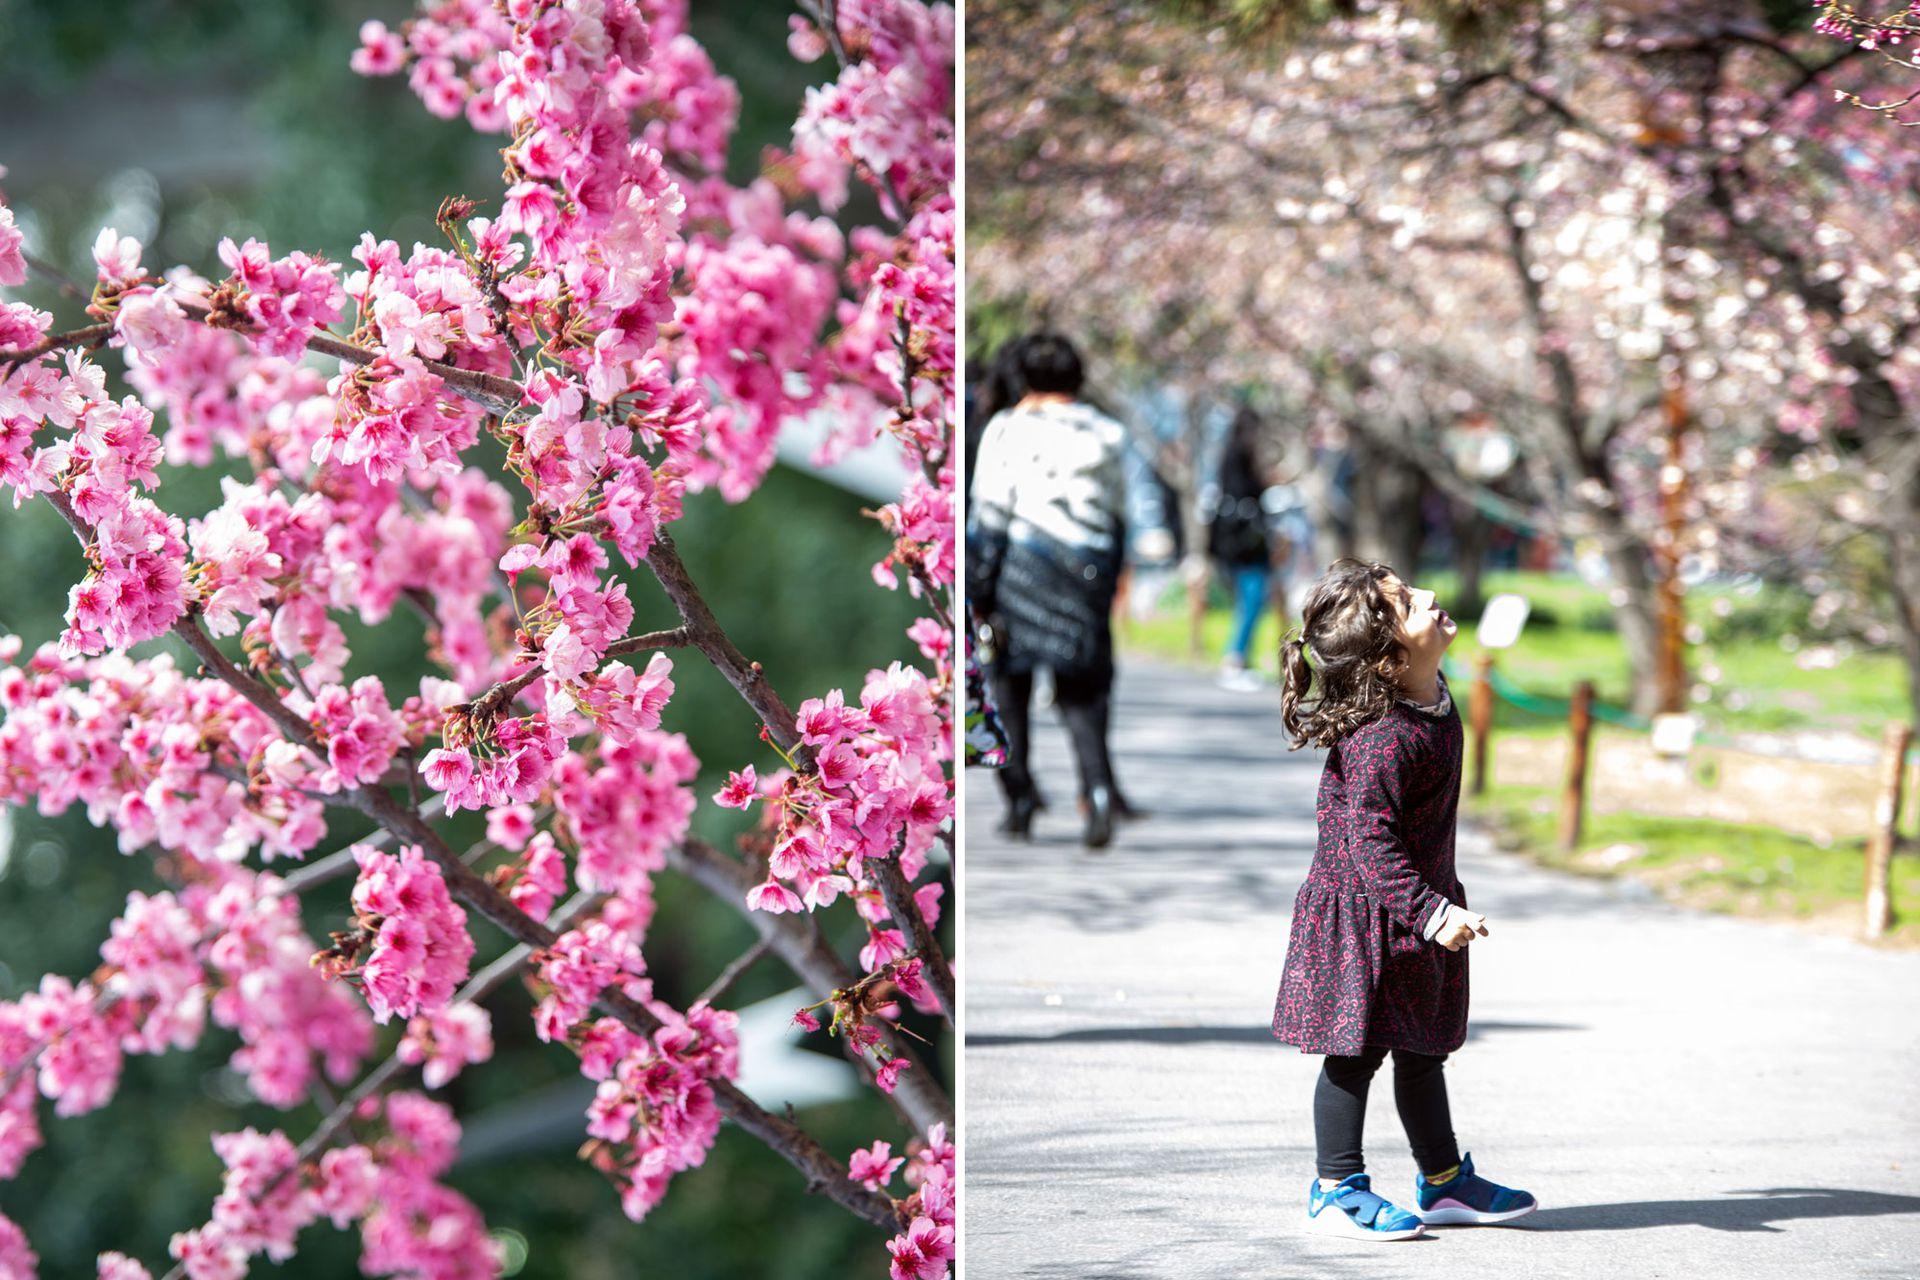 Las plantas de cerezos o sakura son para la cultura japonesa símbolo de la felicidad efímera y fugacidad de la vida, debido a que en el esplendor de su floración, las flores comienzan a caerse. En Buenos Aires, es un atractivo para los porteños pero también para los turistas que llegan a la ciudad y se dan un paseo por el parque.